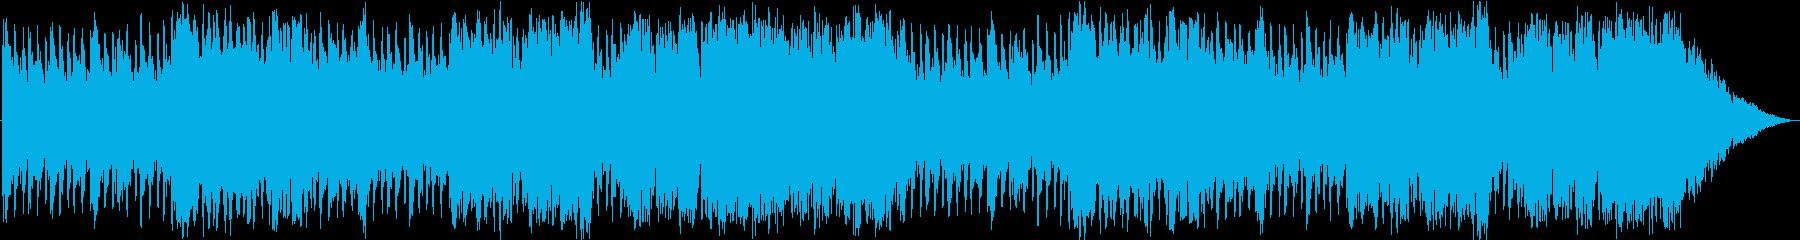 シミュレーションRPGの戦況報告シーンの再生済みの波形